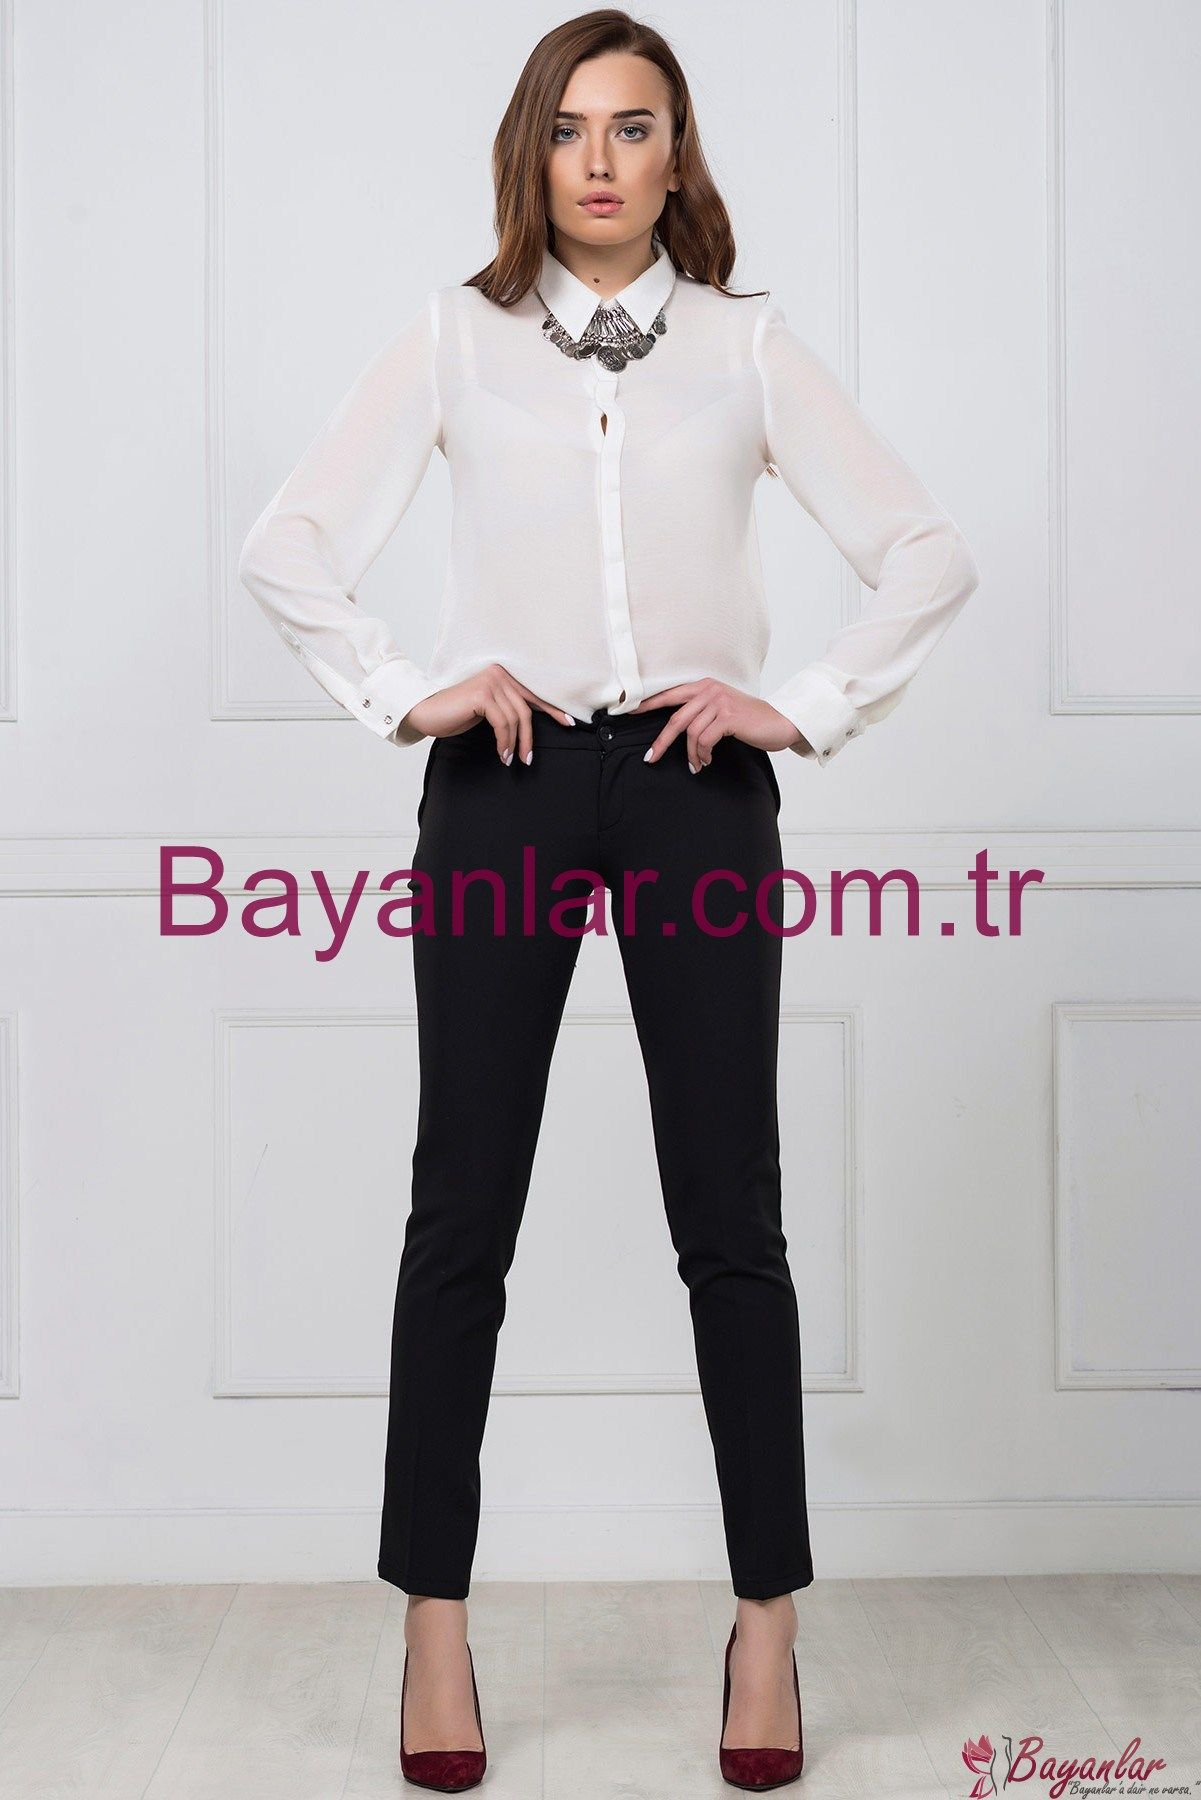 Pantolon Gomlek Kombinleri Yaparken Dikkat Edilmesi Gerekenler Kadin Kombinleri Pantolon Gomlek Kadin